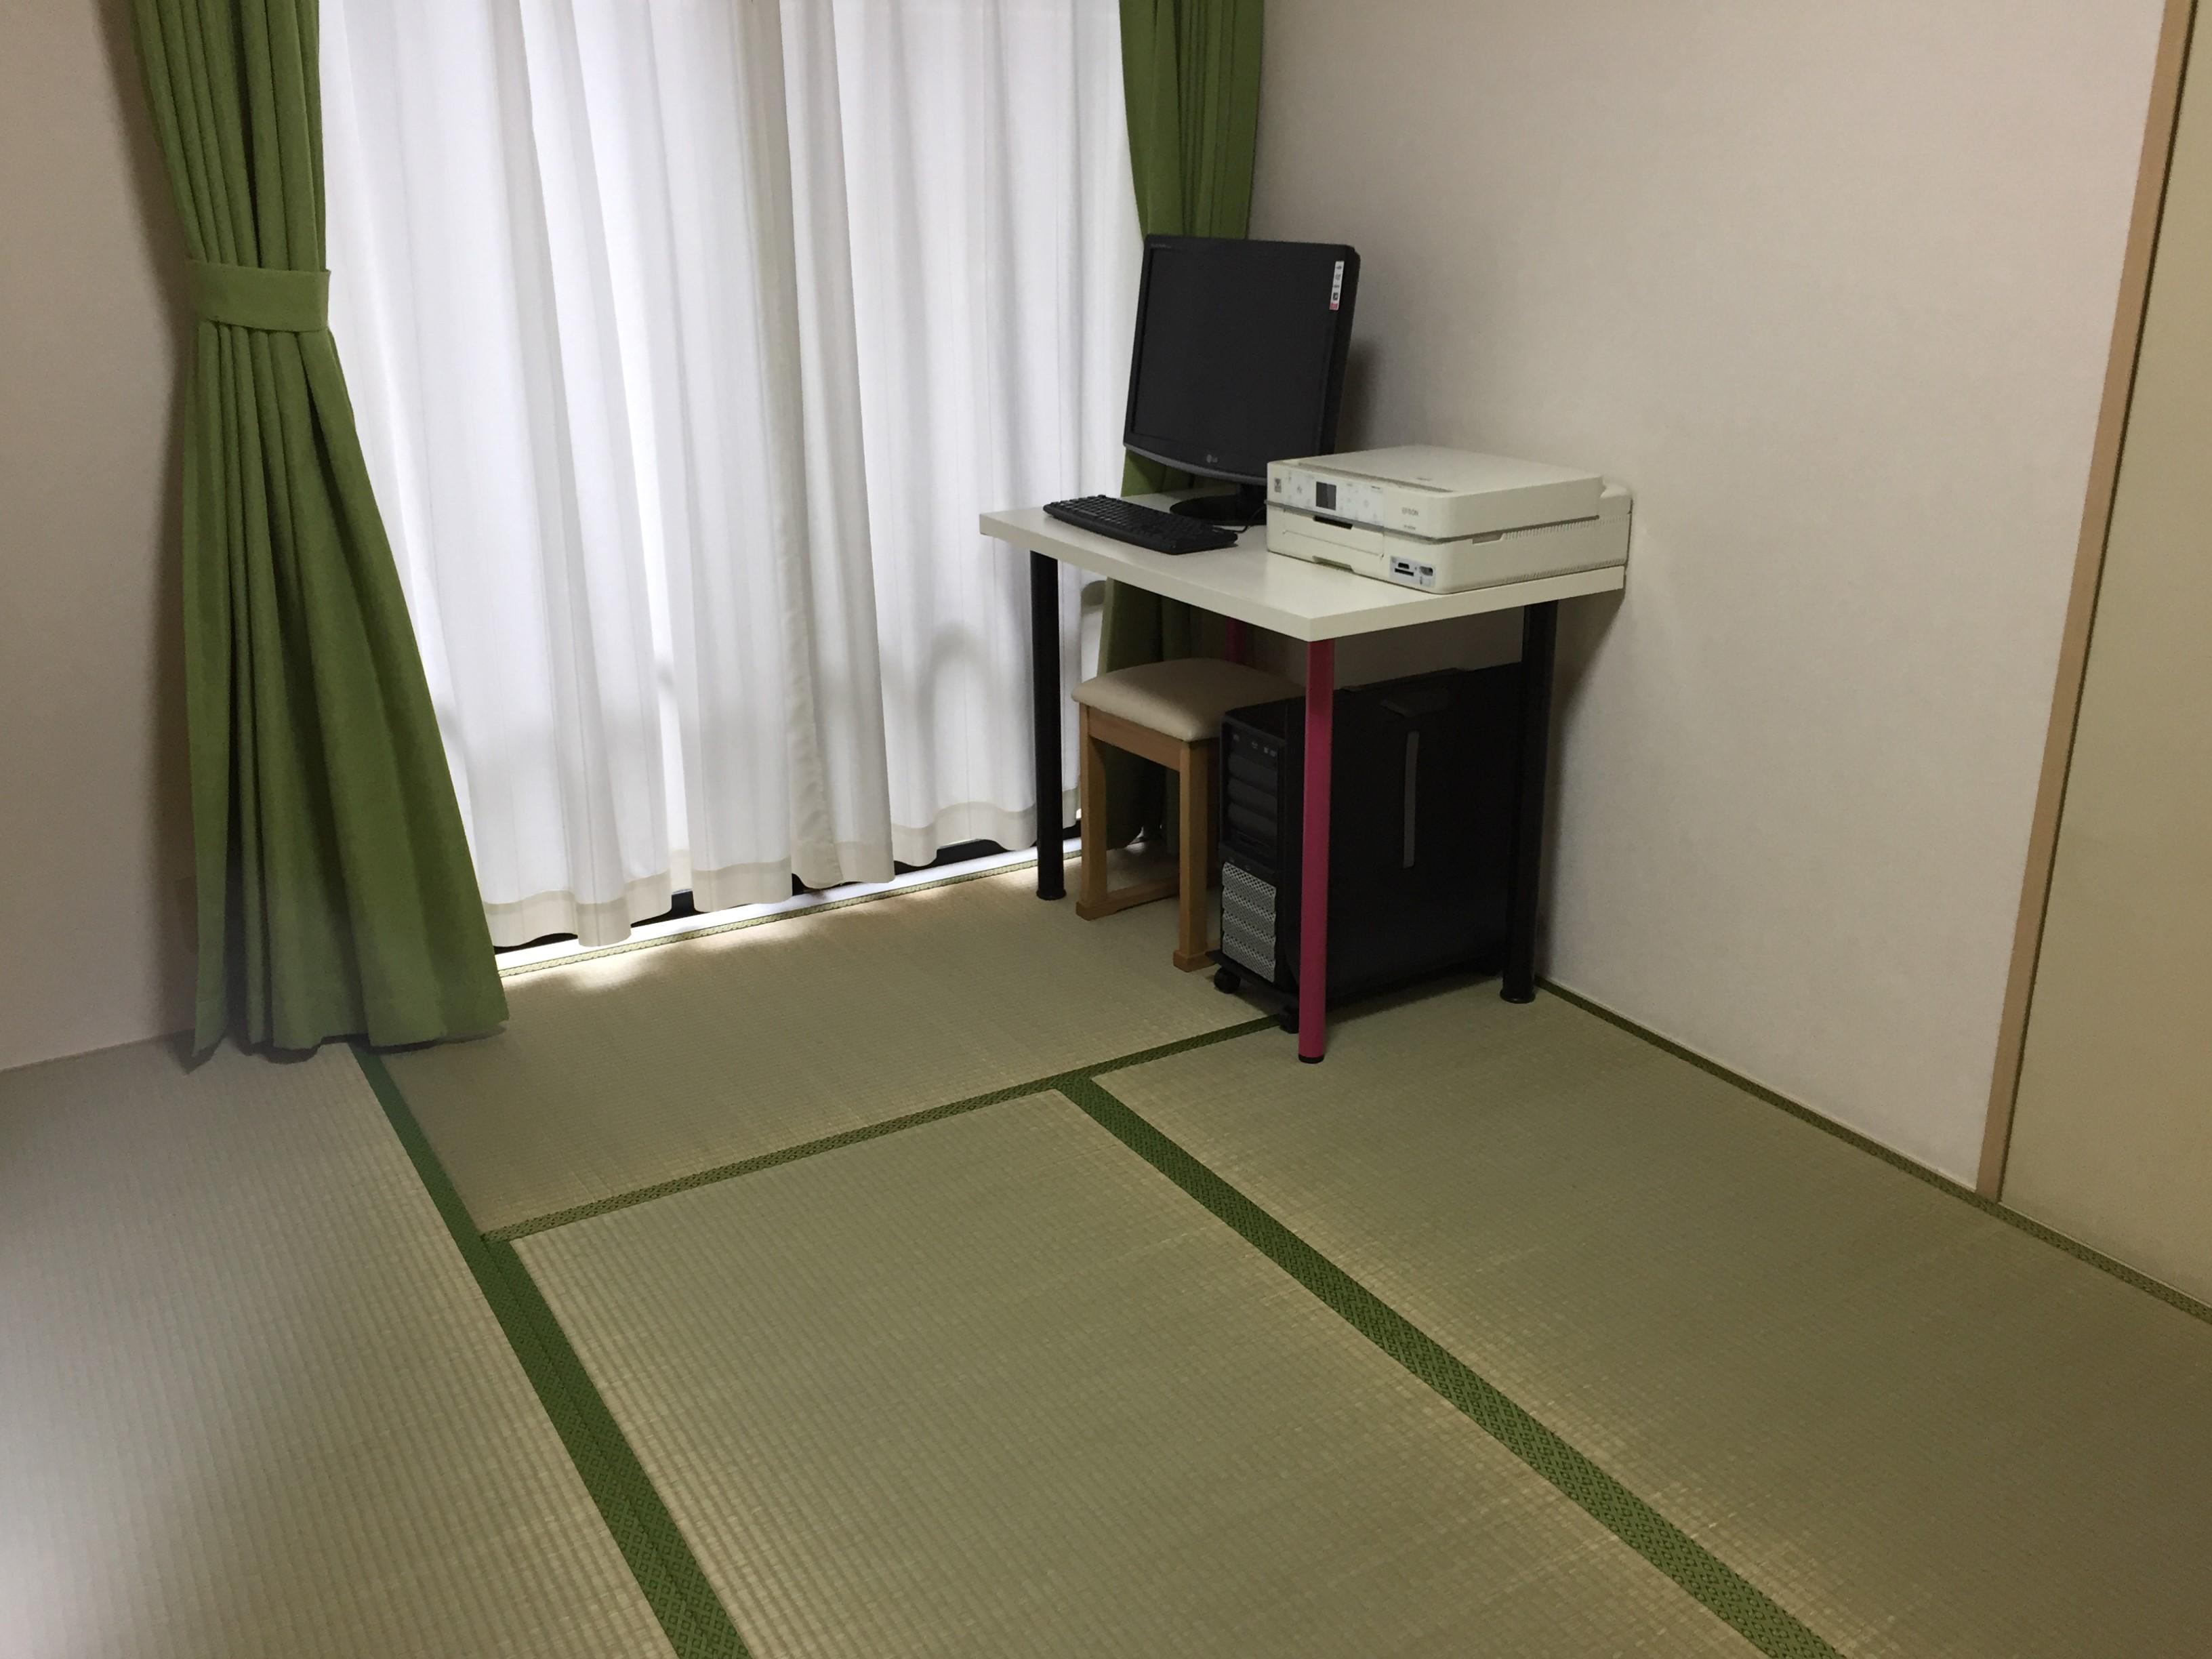 岡山市北区北長瀬でパーソナルサービス(整理収納)と不用品処分 施工事例紹介